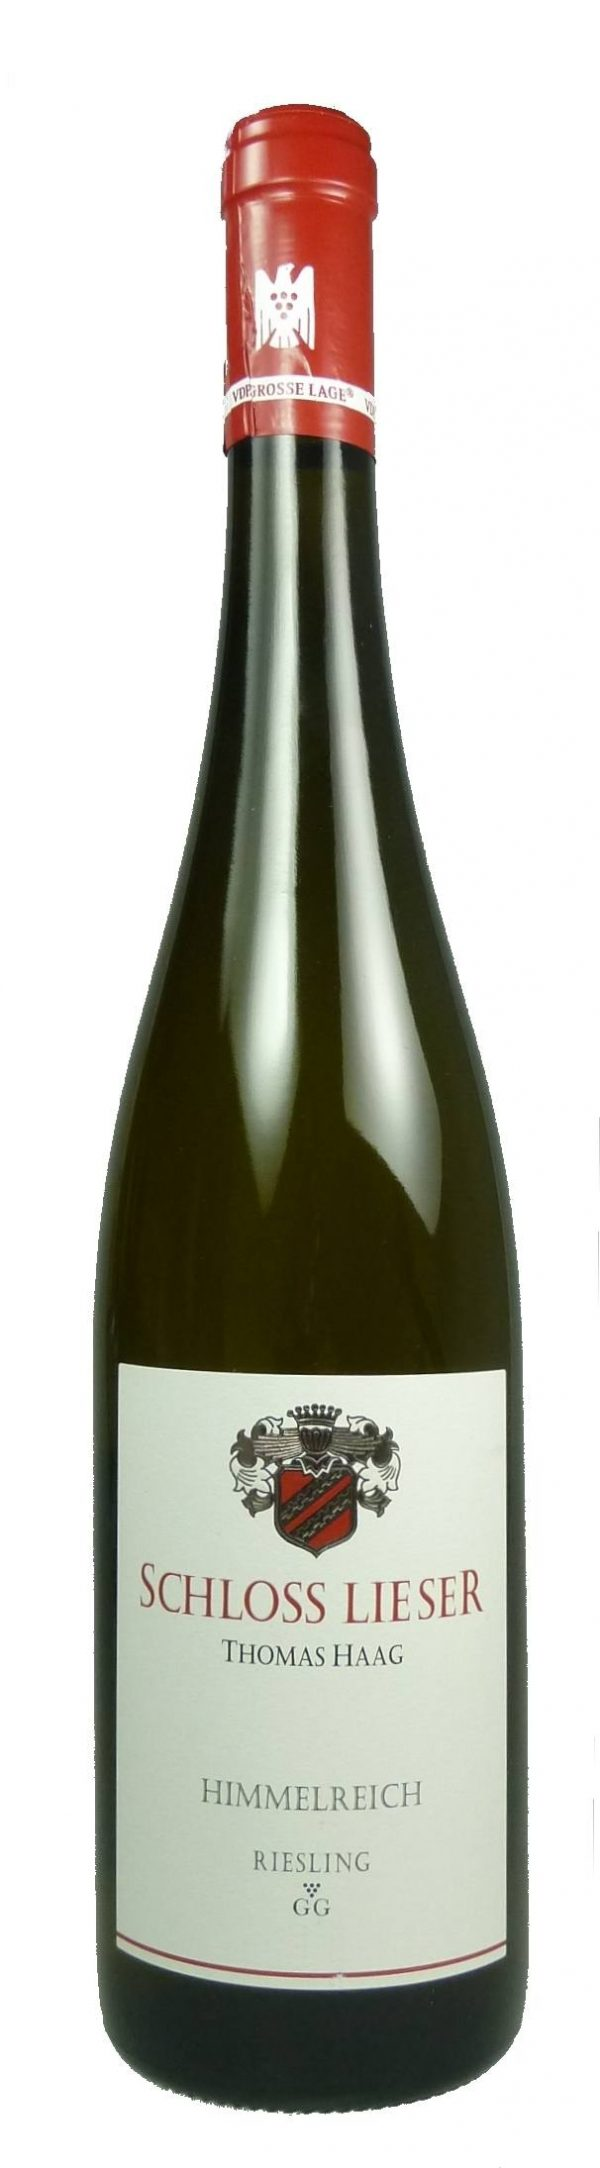 Himmelreich Riesling Großes Gewächs Qualitätswein trocken 2016